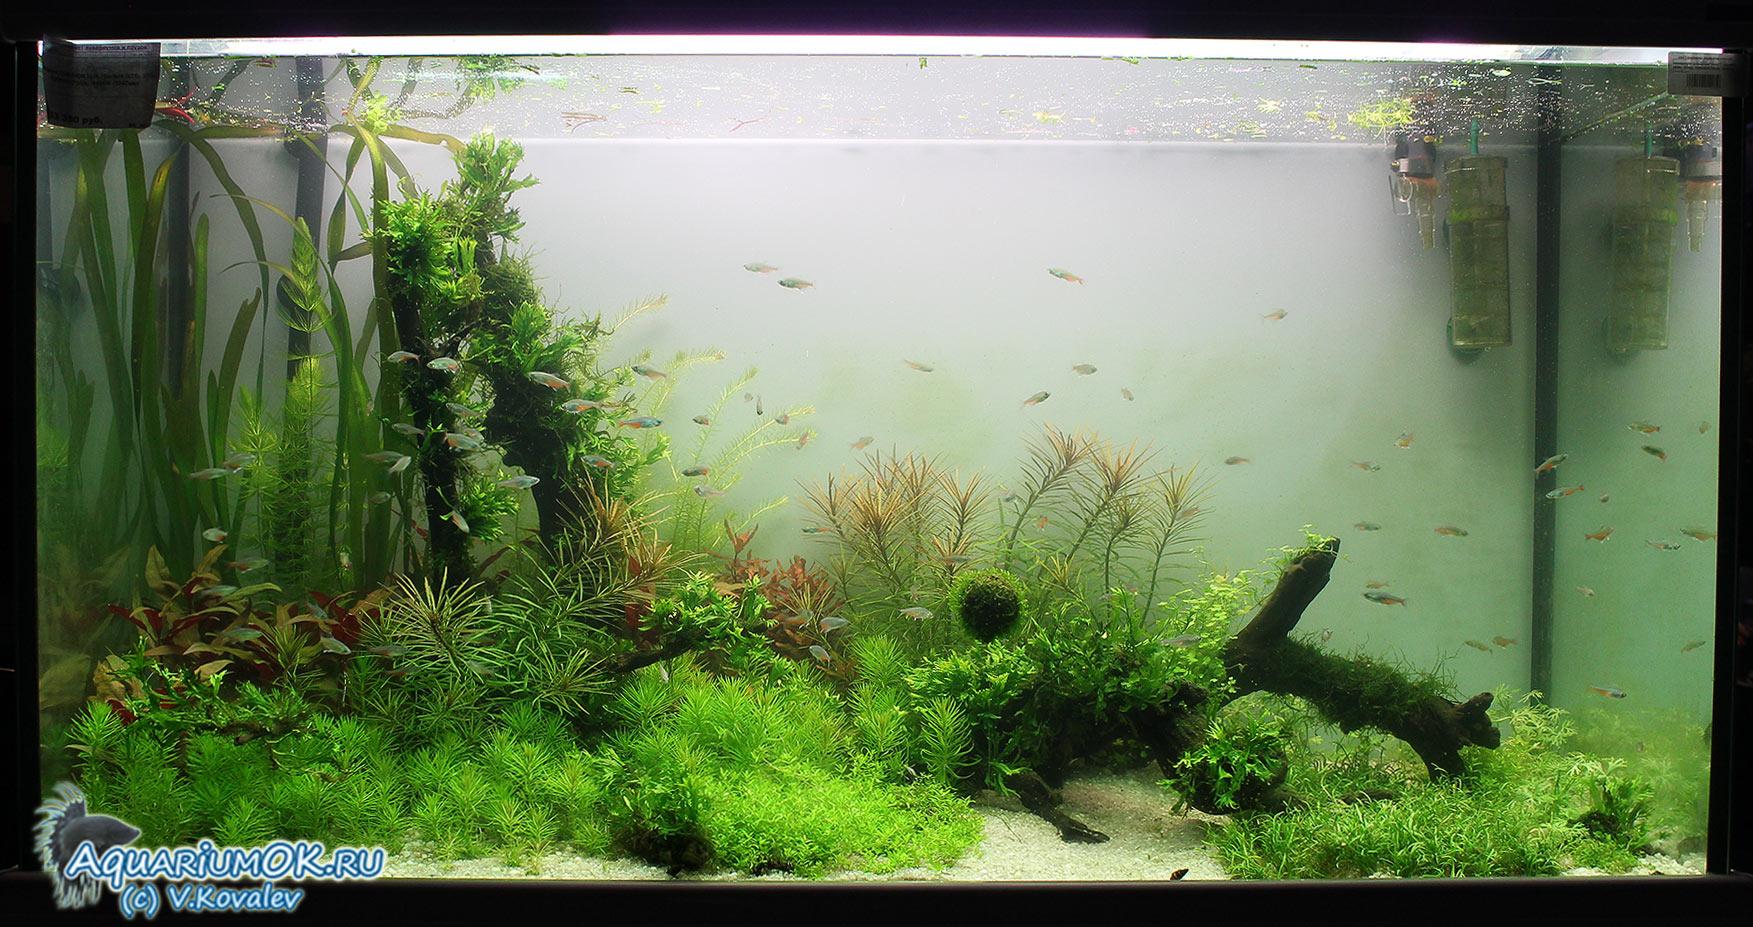 Какие растения можно посадить в аквариум - описание с фото 14